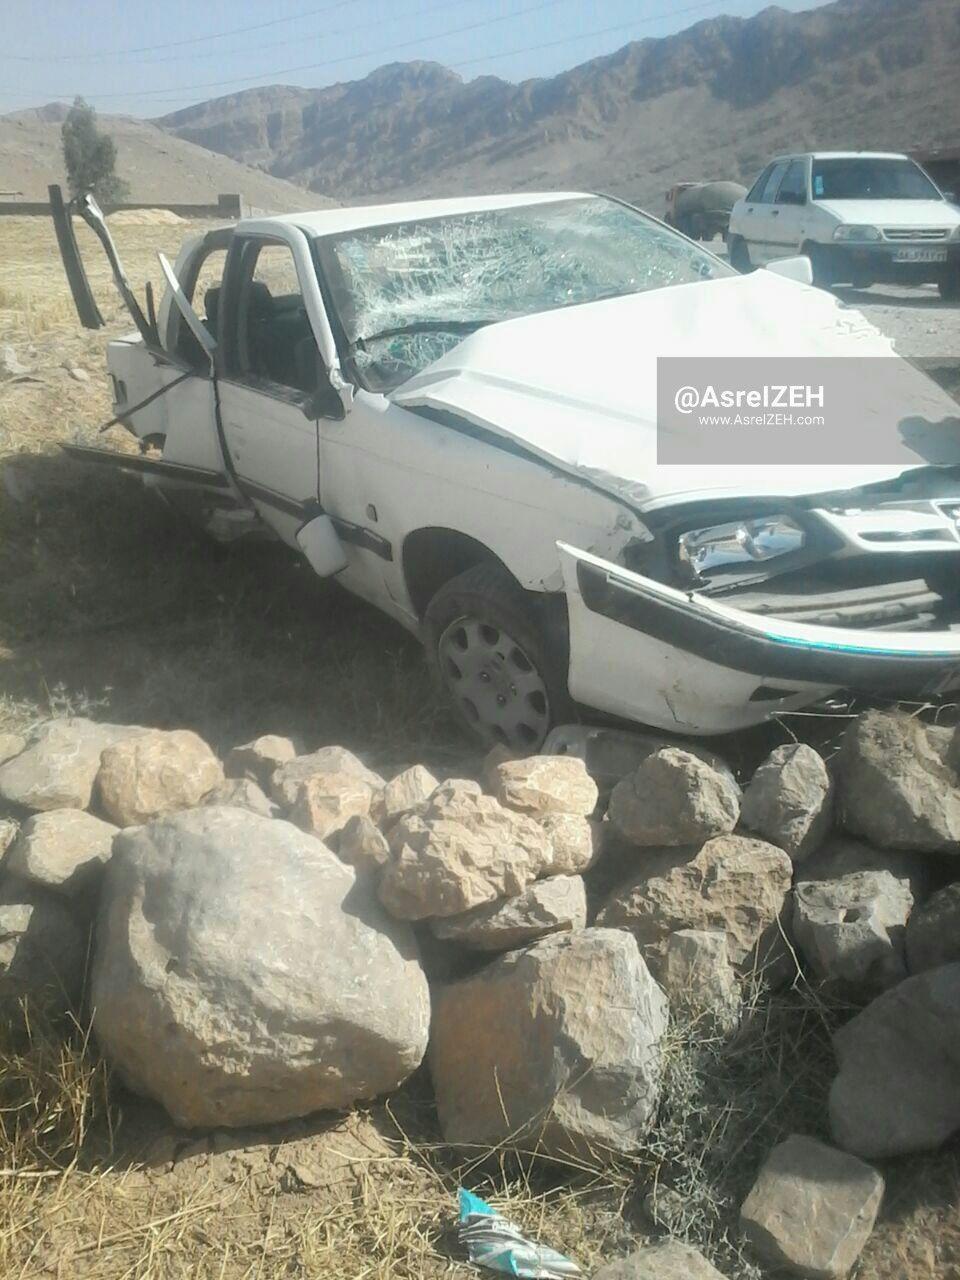 عکس/ واژگونی خودرو پژو پارس و مصدومیت ۳نفر در جاده ایذه_پیان